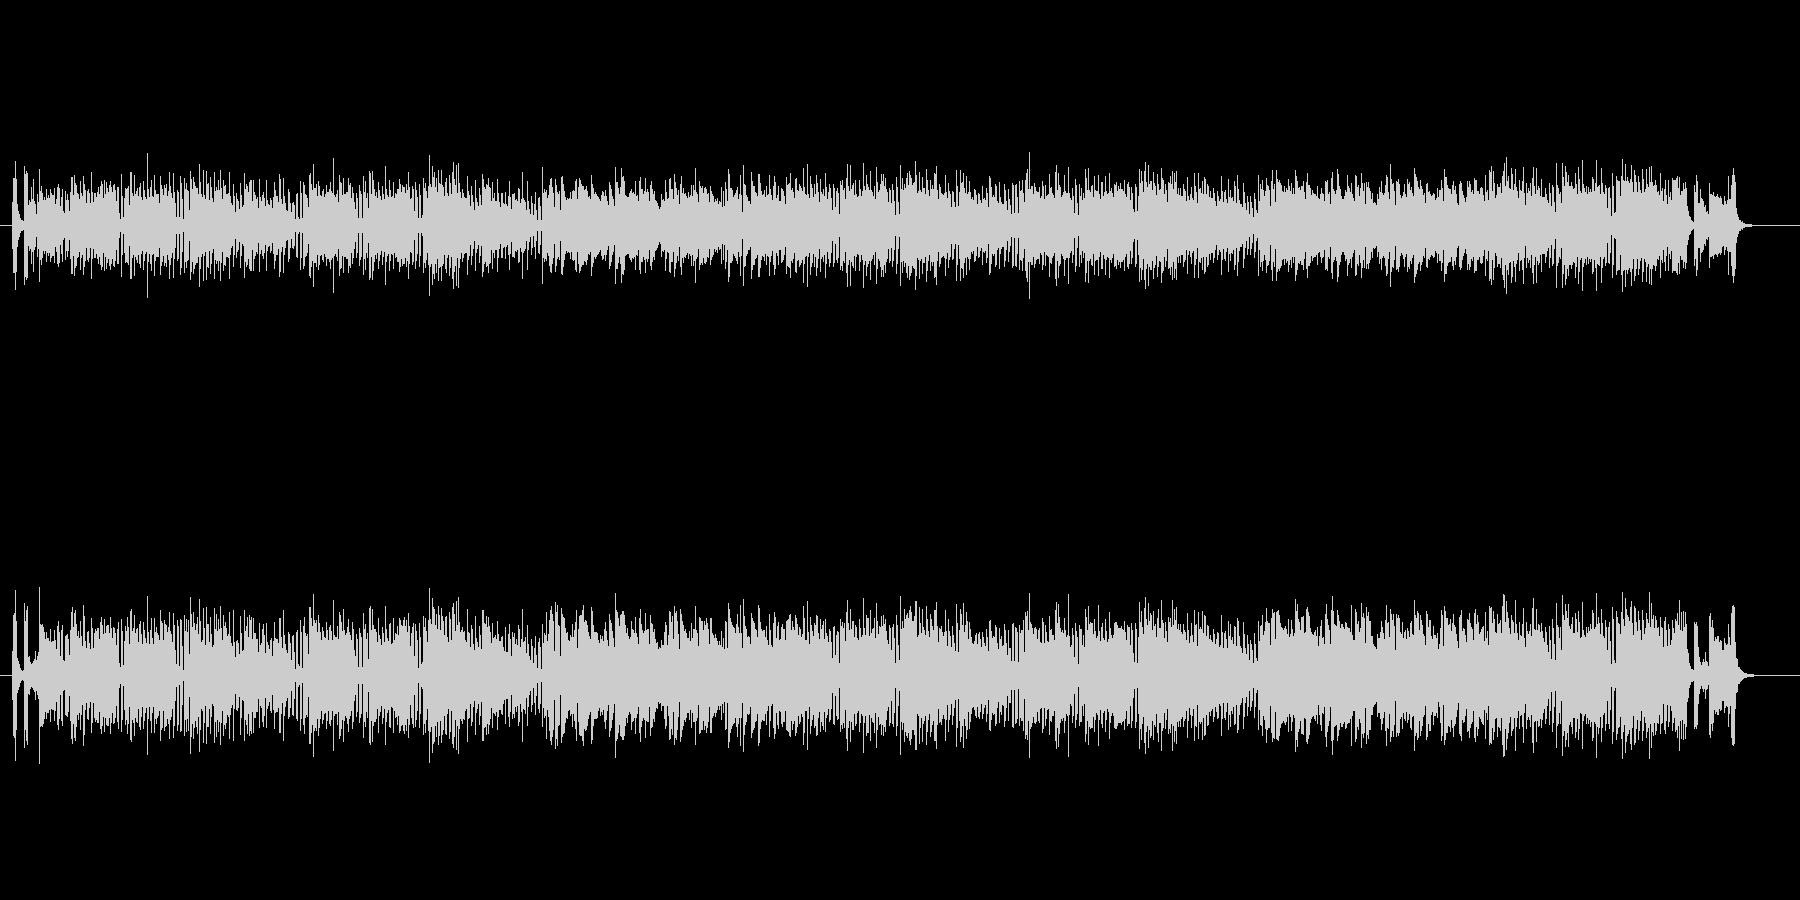 マイナー調フュージョン(ドラマ主題歌風)の未再生の波形